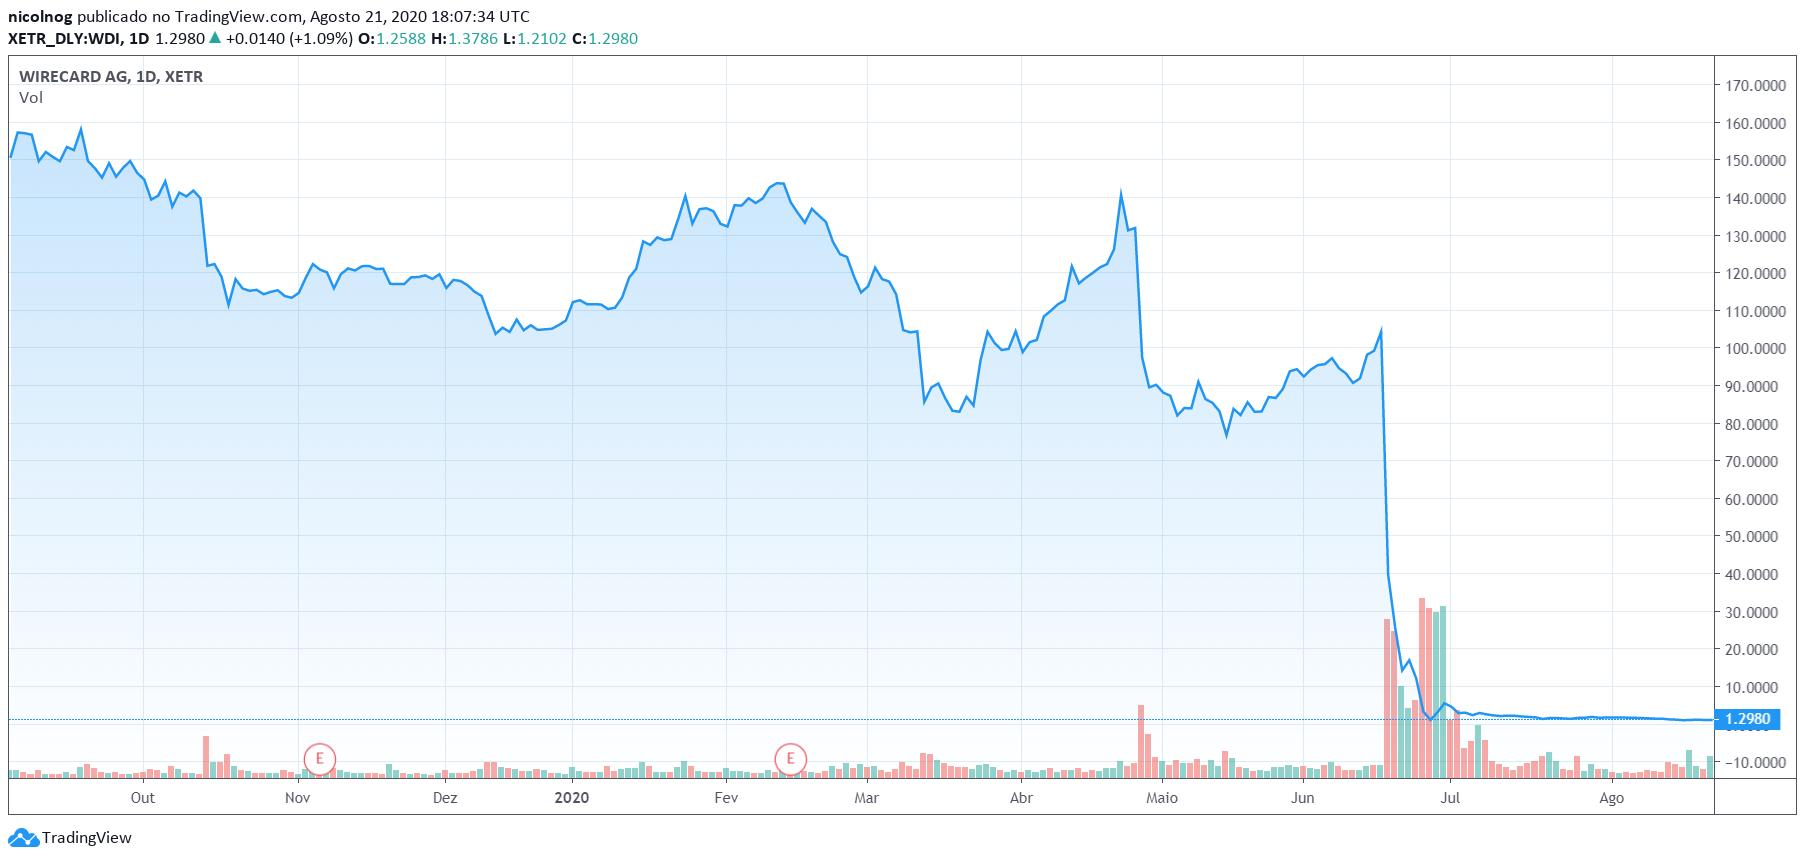 Ações da Wirecard na bolsa de valores alemã